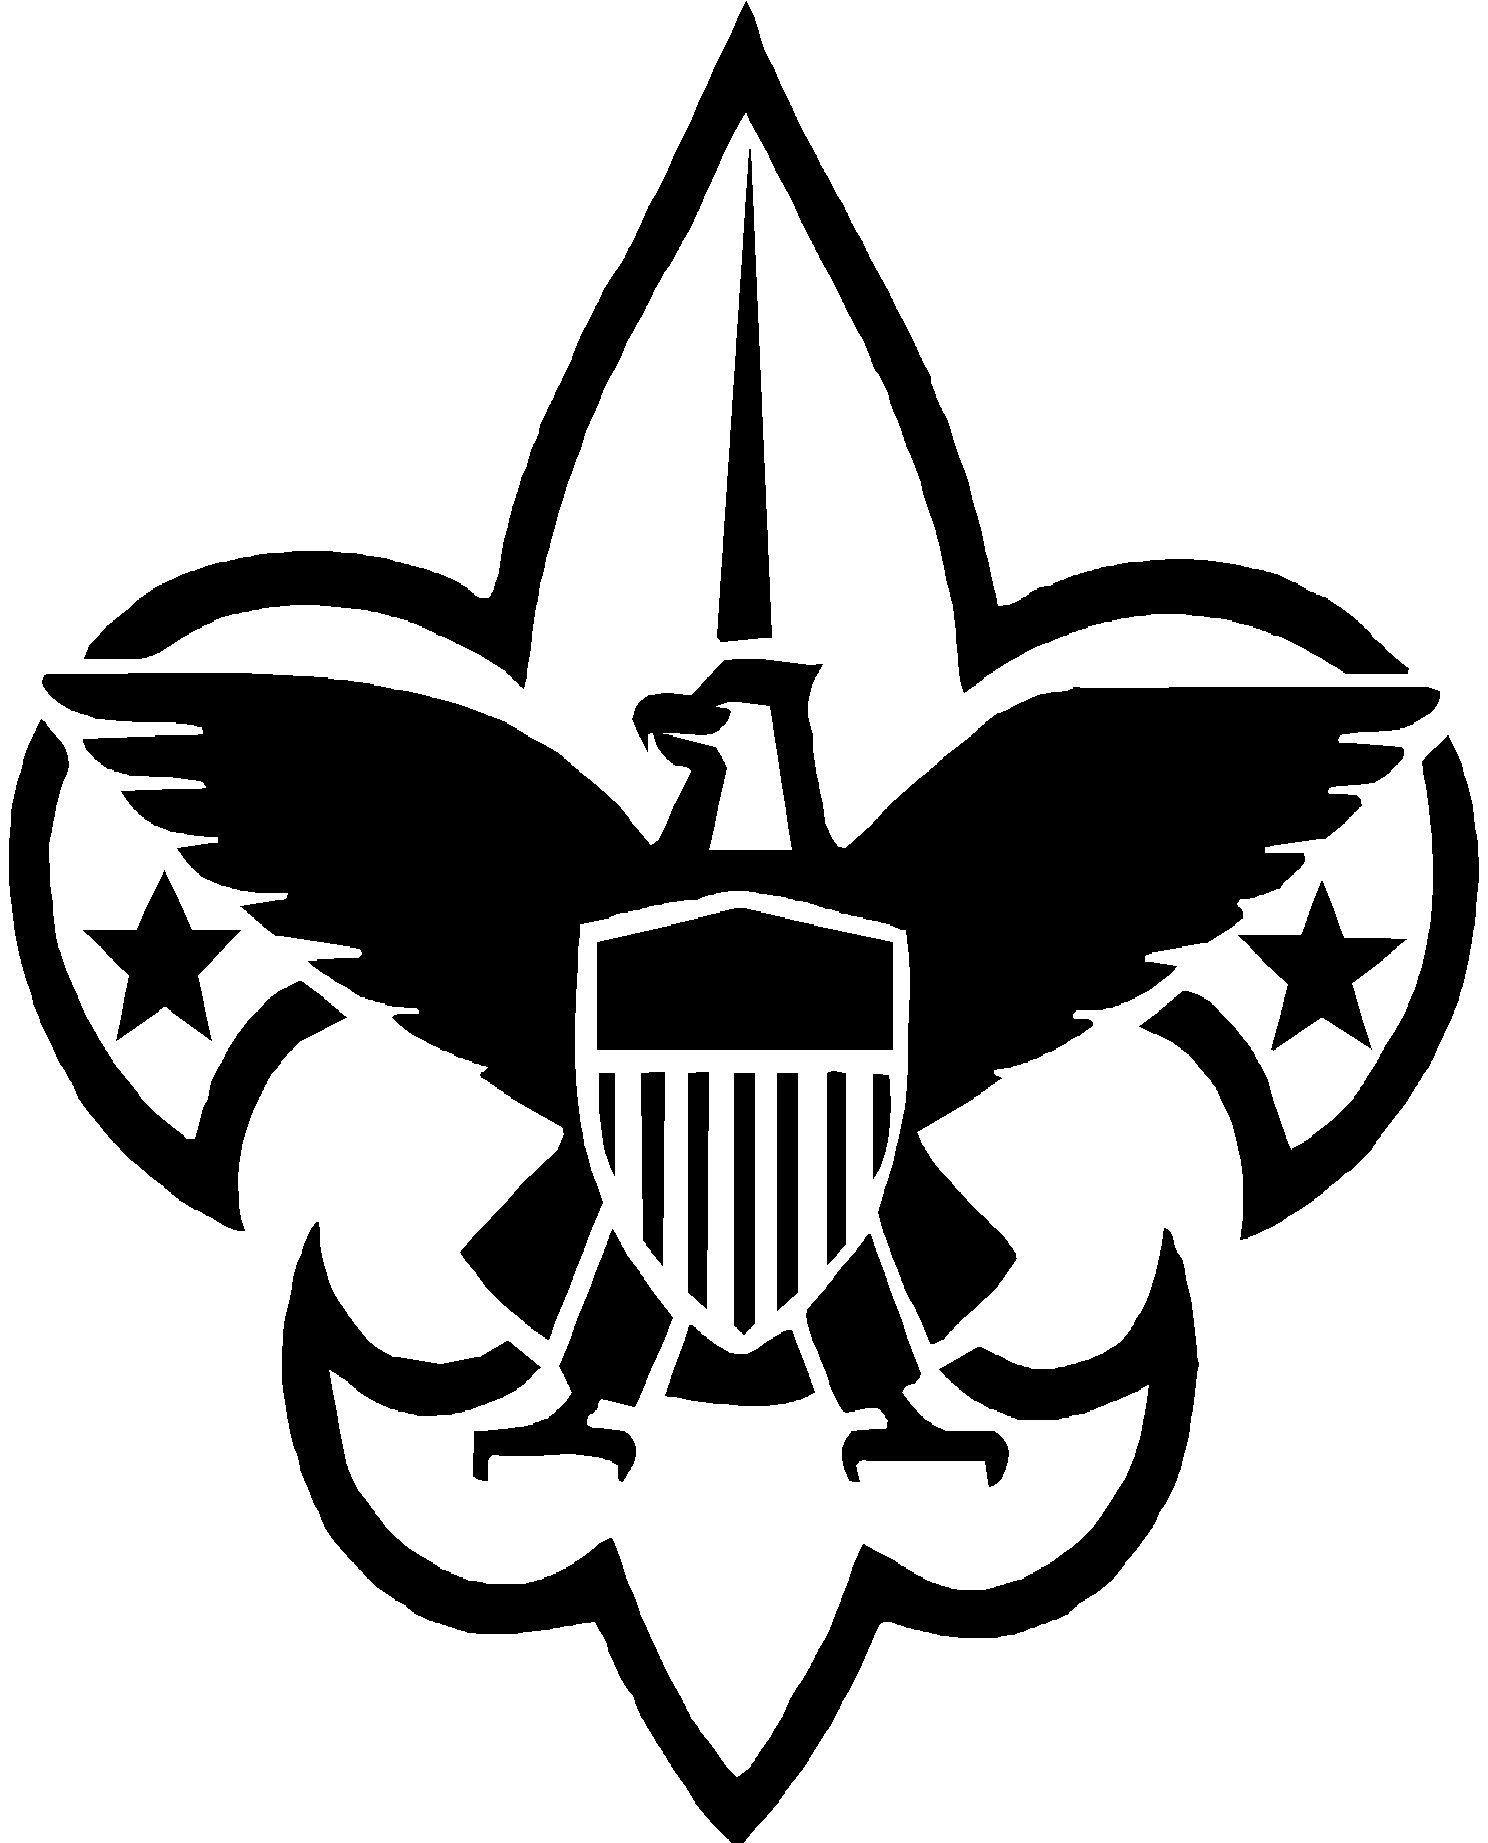 boy scouts scal svg cub scout boy scout ideas pinterest rh pinterest com boy scout logos clip art boy scout logos clip art